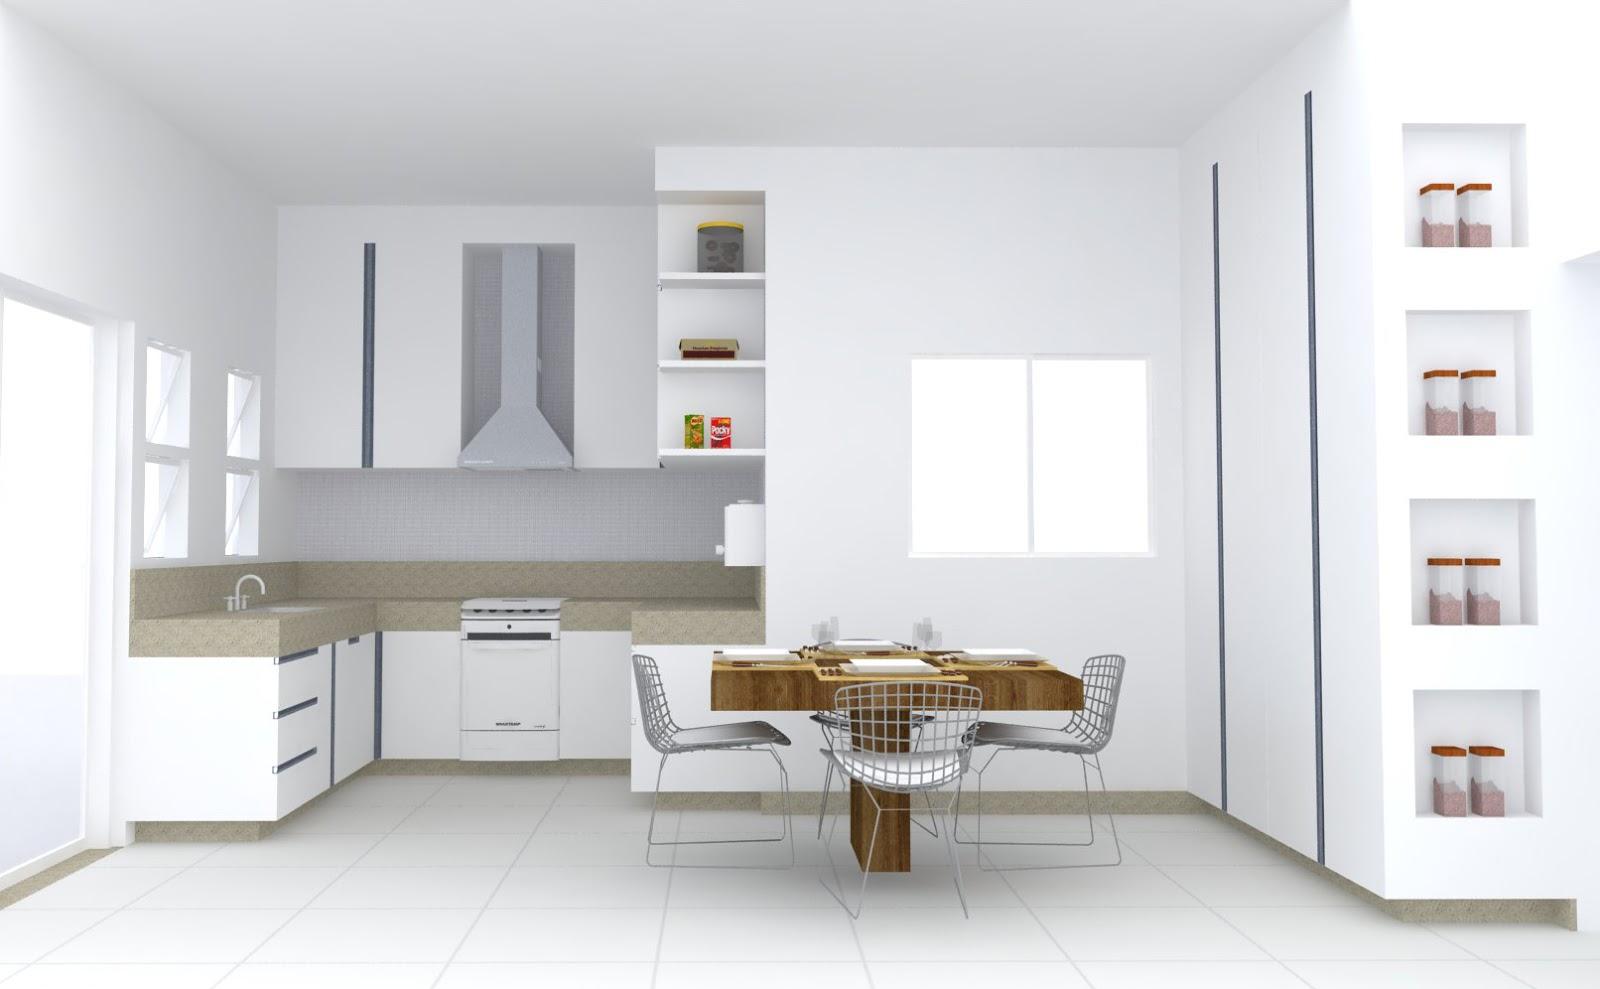 Decoração Paisagismo: Projeto de Interior  Cozinha e área de Lazer #664828 1600 989